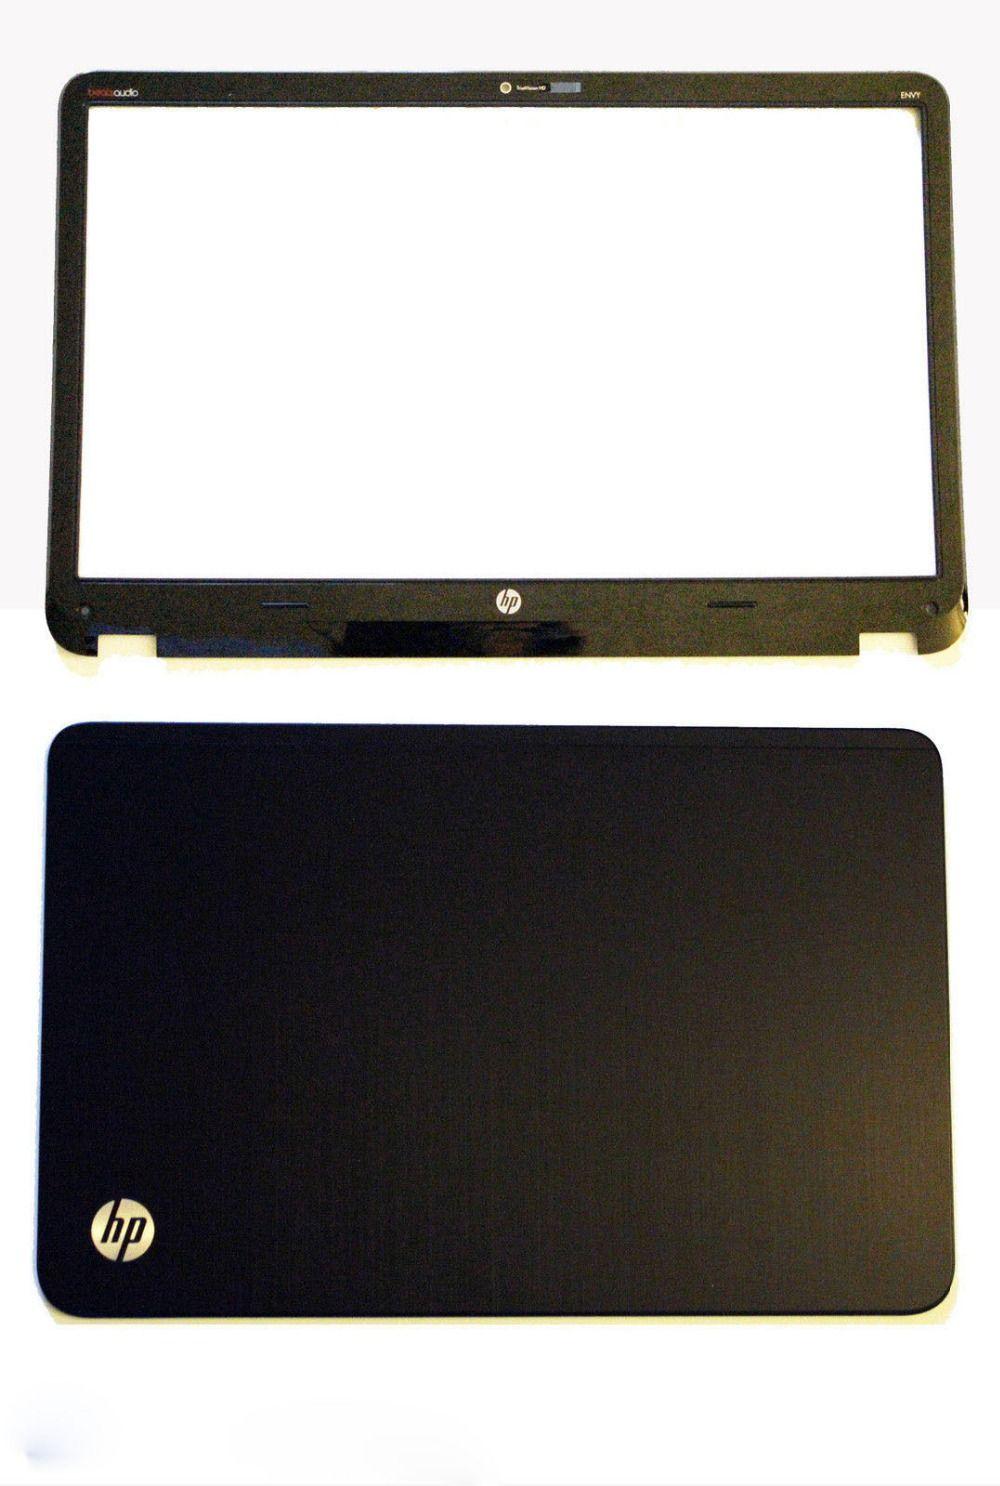 New HP Pavilion Envy6 Envy6-1000 Envy 6-1000 LCD Back Cover Case & Front Bezel 692382-001 686591-001